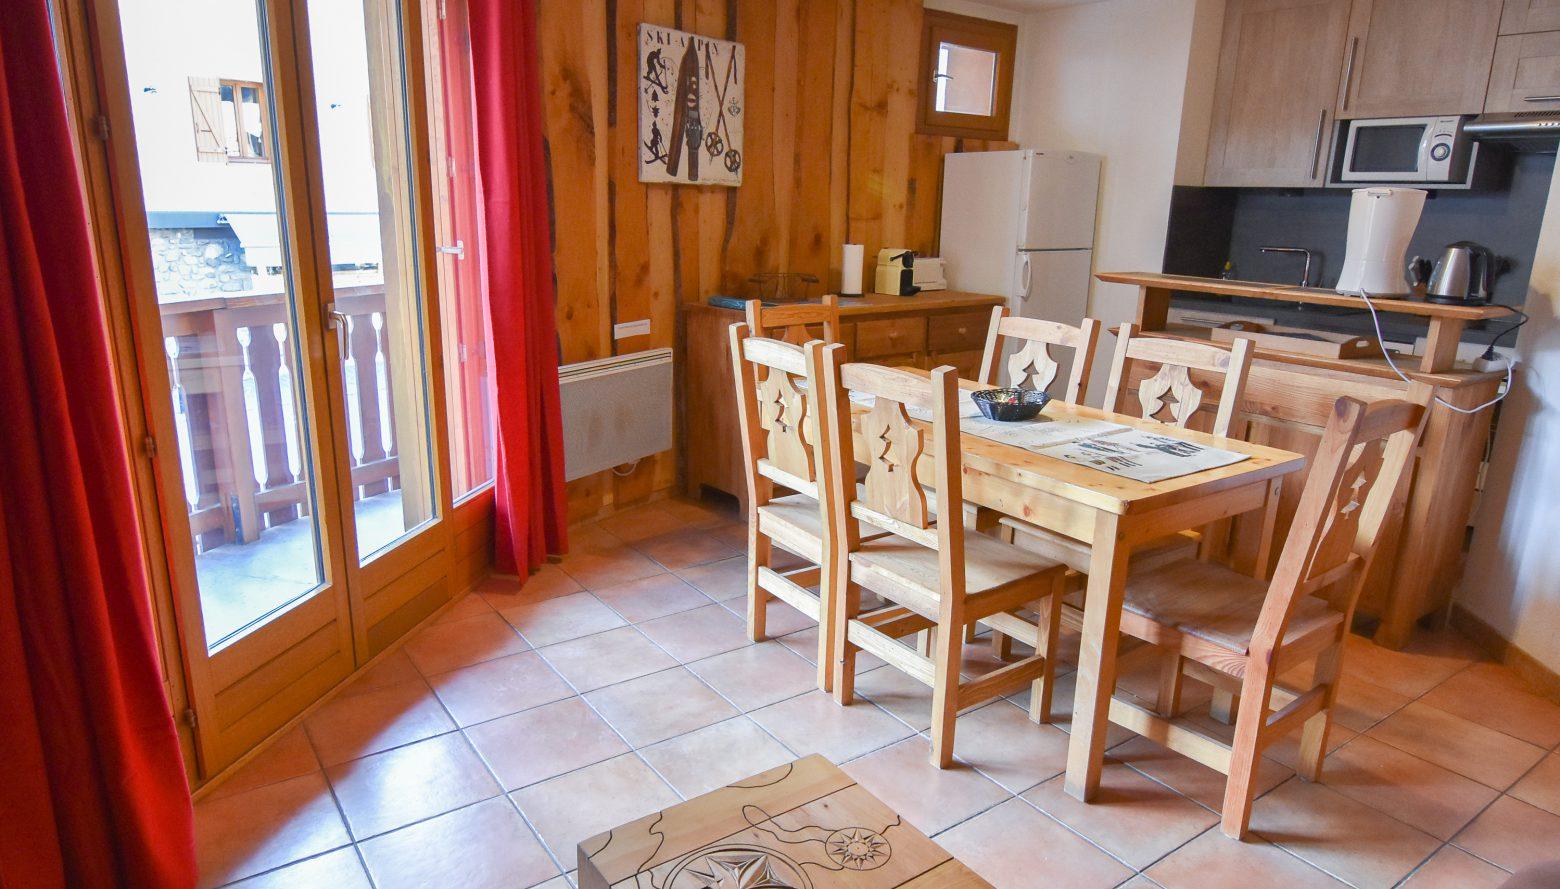 Location D'appartements De 4 À 10 Personnes Station De Ski ... concernant Location Appartement Valloire